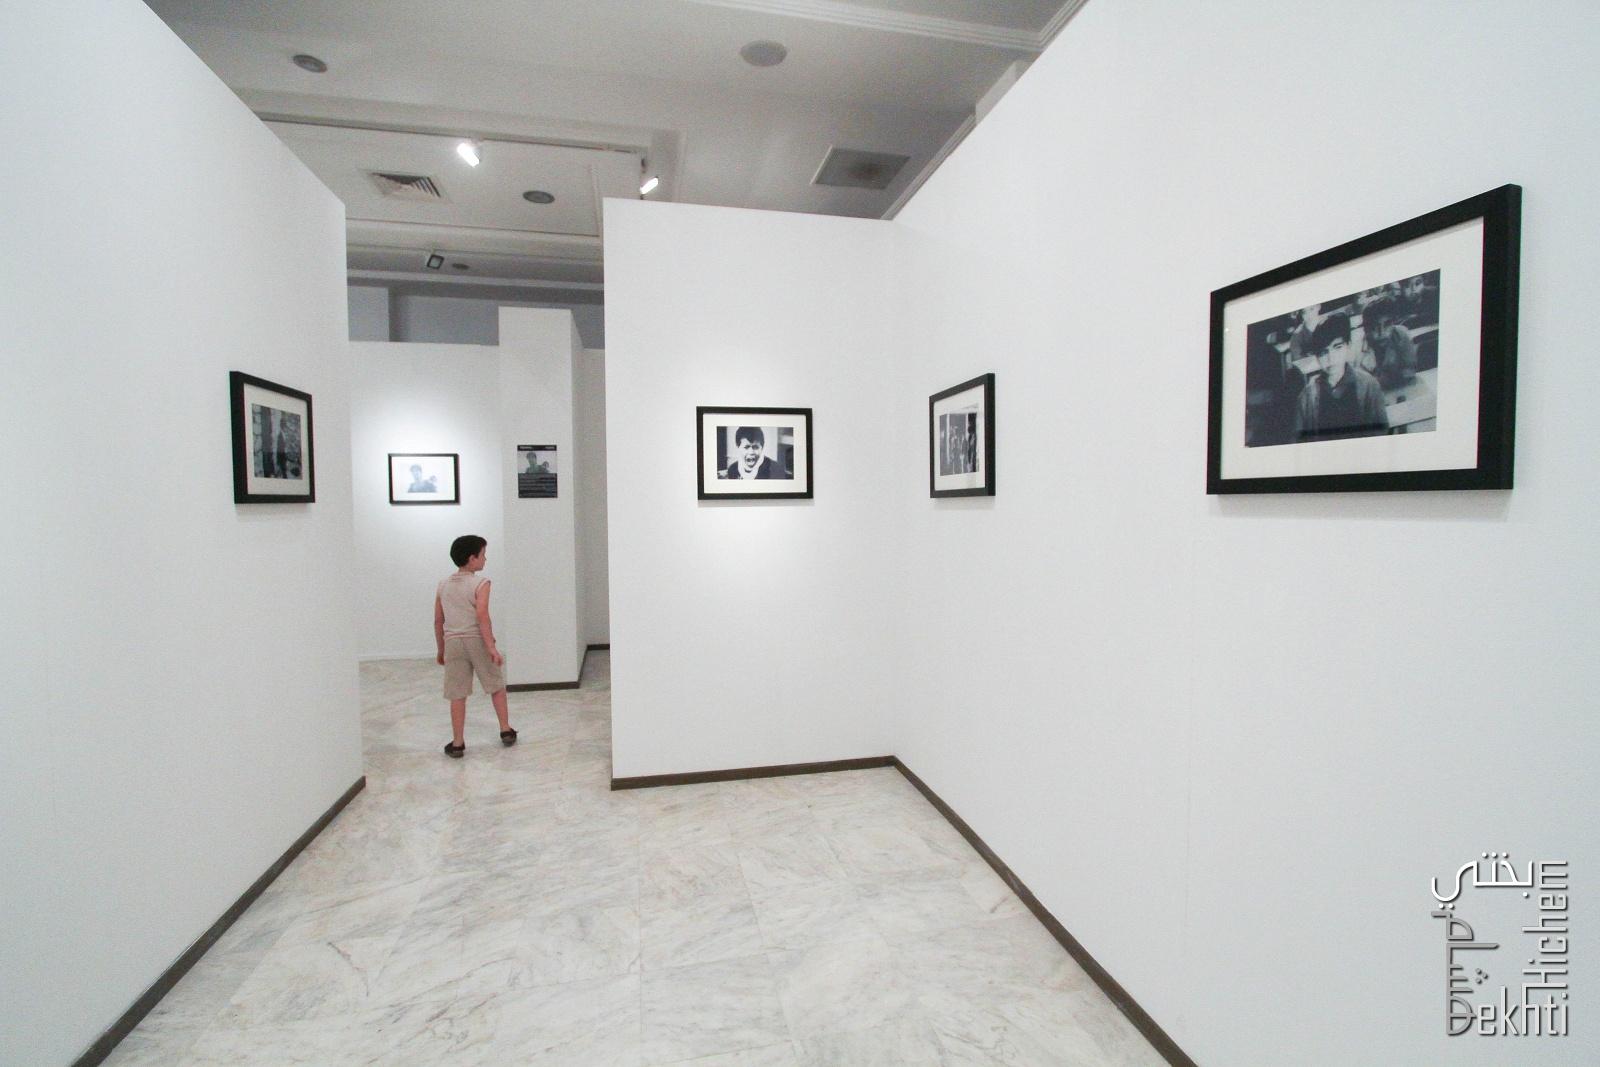 Tlemcen - Exposition photo  L\'enface et la Guerre au Palais de la Culture.